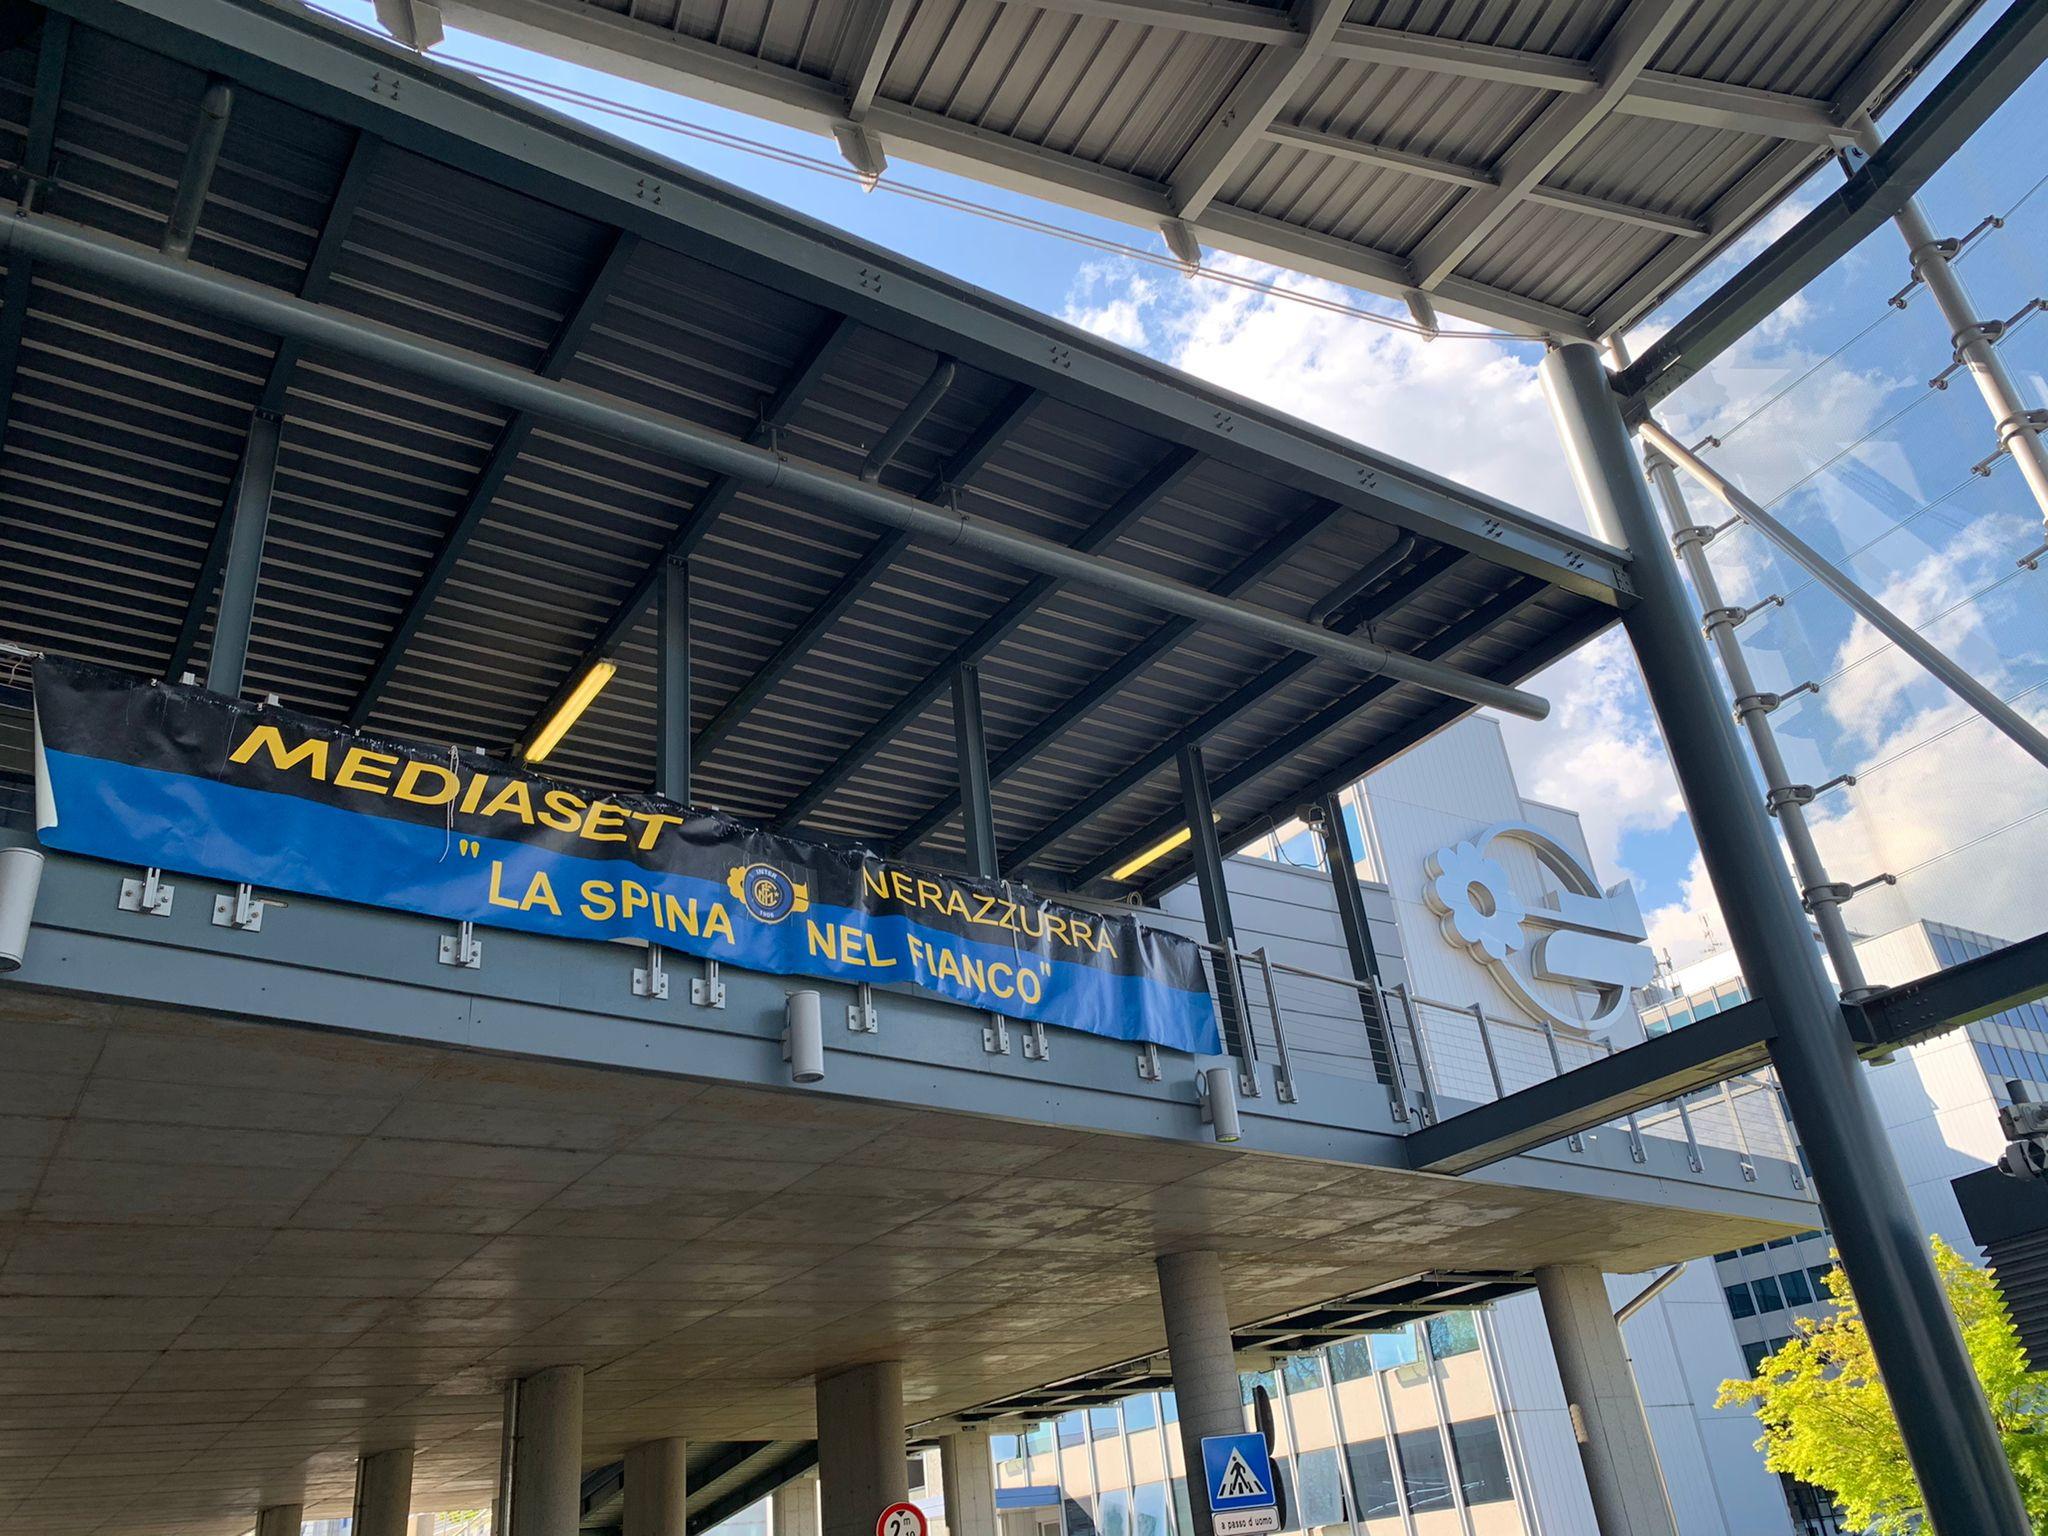 &quot;Mediaset nerazzurra - La spina nel fianco&quot;, questo lo striscione che campeggia oggi davanti la sede di Mediaset a Cologno Monzese dopo la vittoria dello scudetto della squadra di Conte.<br /><br />